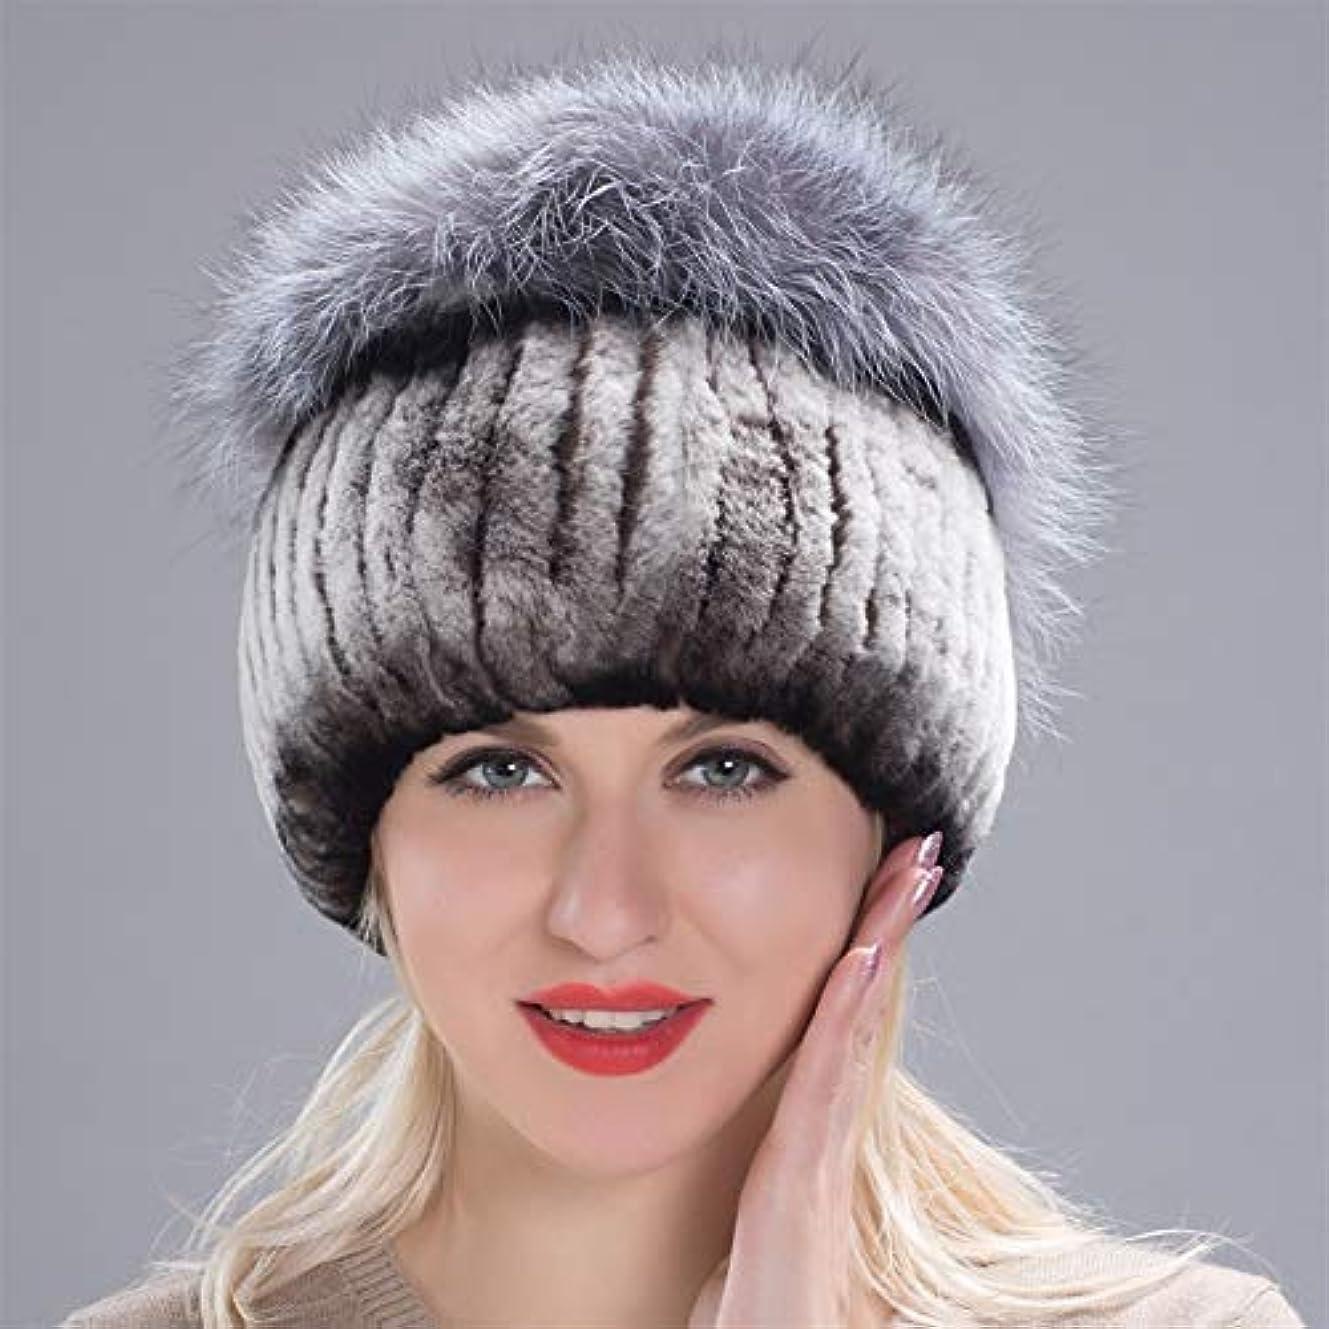 動揺させる気づかないタクシーACAO ドリル包頭とさんさんの冬のウールニット冬の帽子のウサギの毛皮の帽子厚く暖かいイヤーキャップキツネの毛皮の帽子 (色 : Coffee white, Size : M)